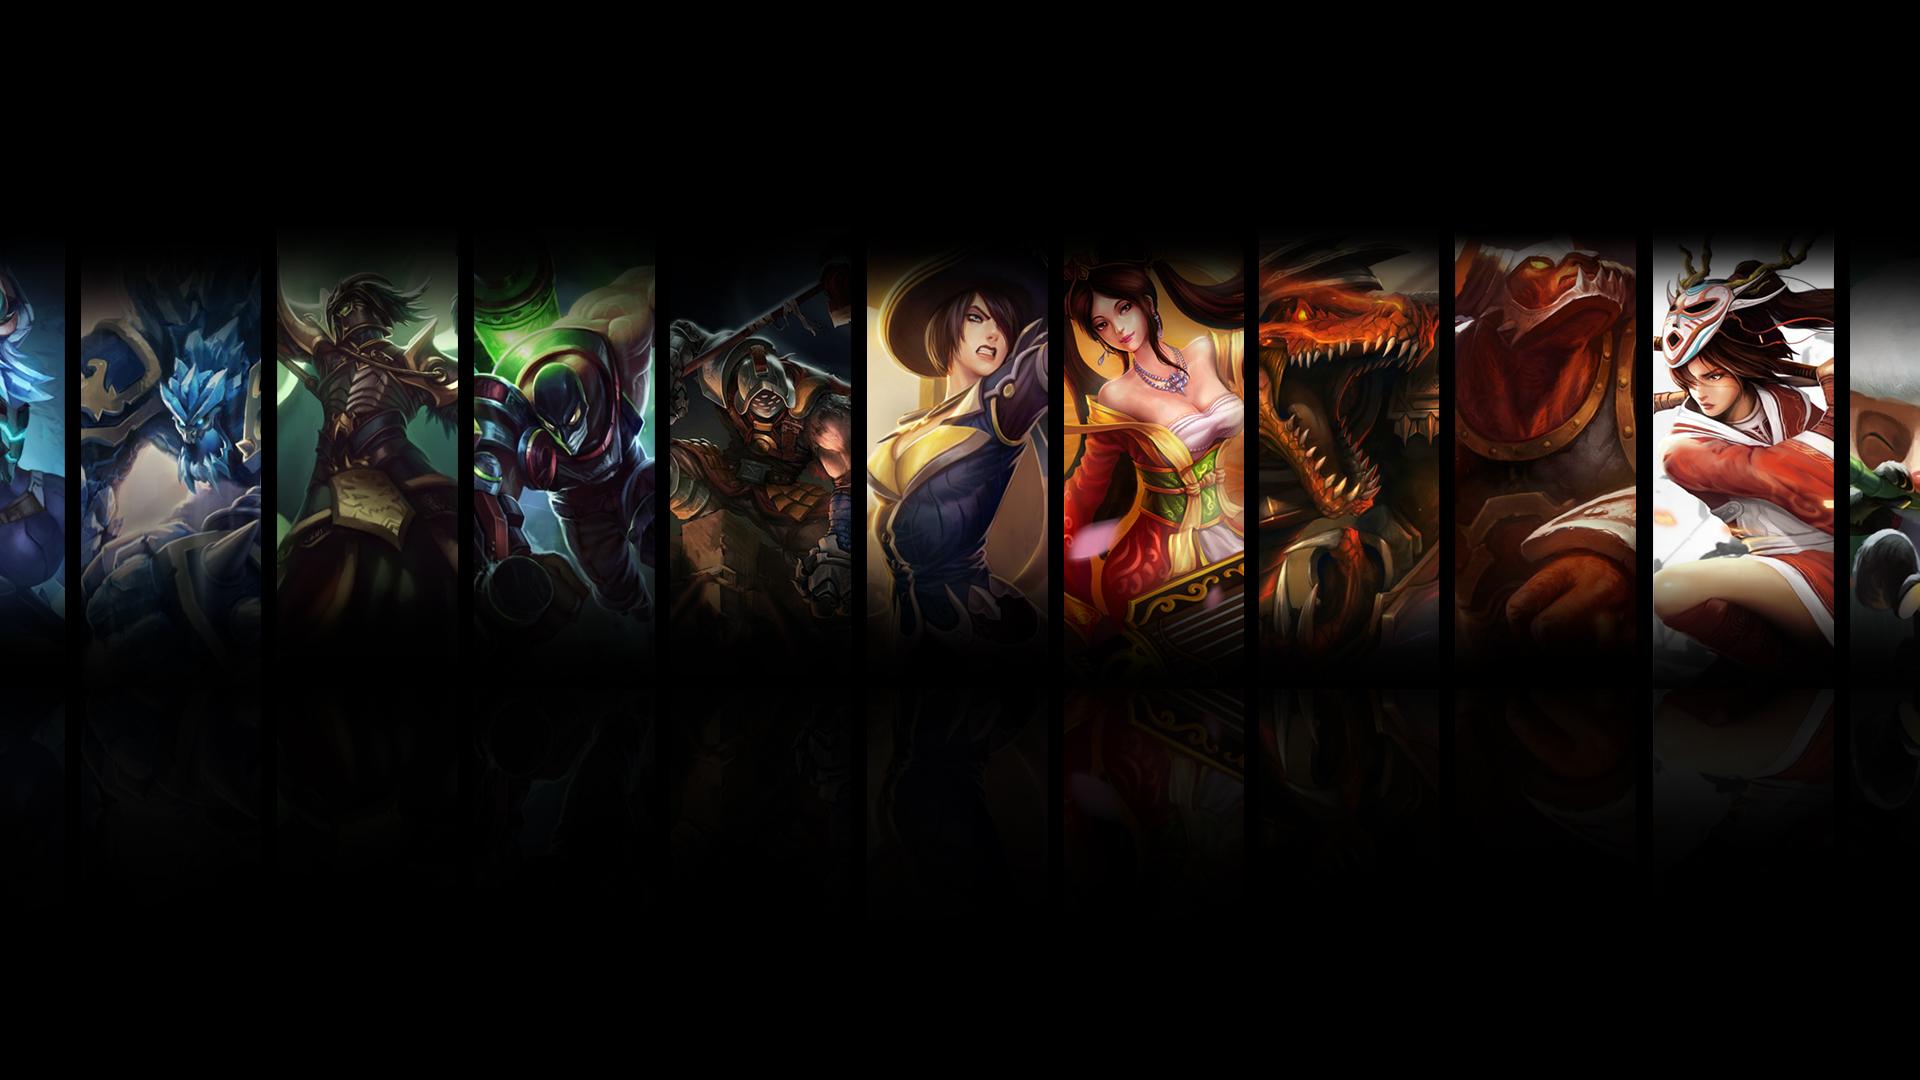 Free Download League Of Legends Dual Screen Wallpaper By Jrkdo Fan